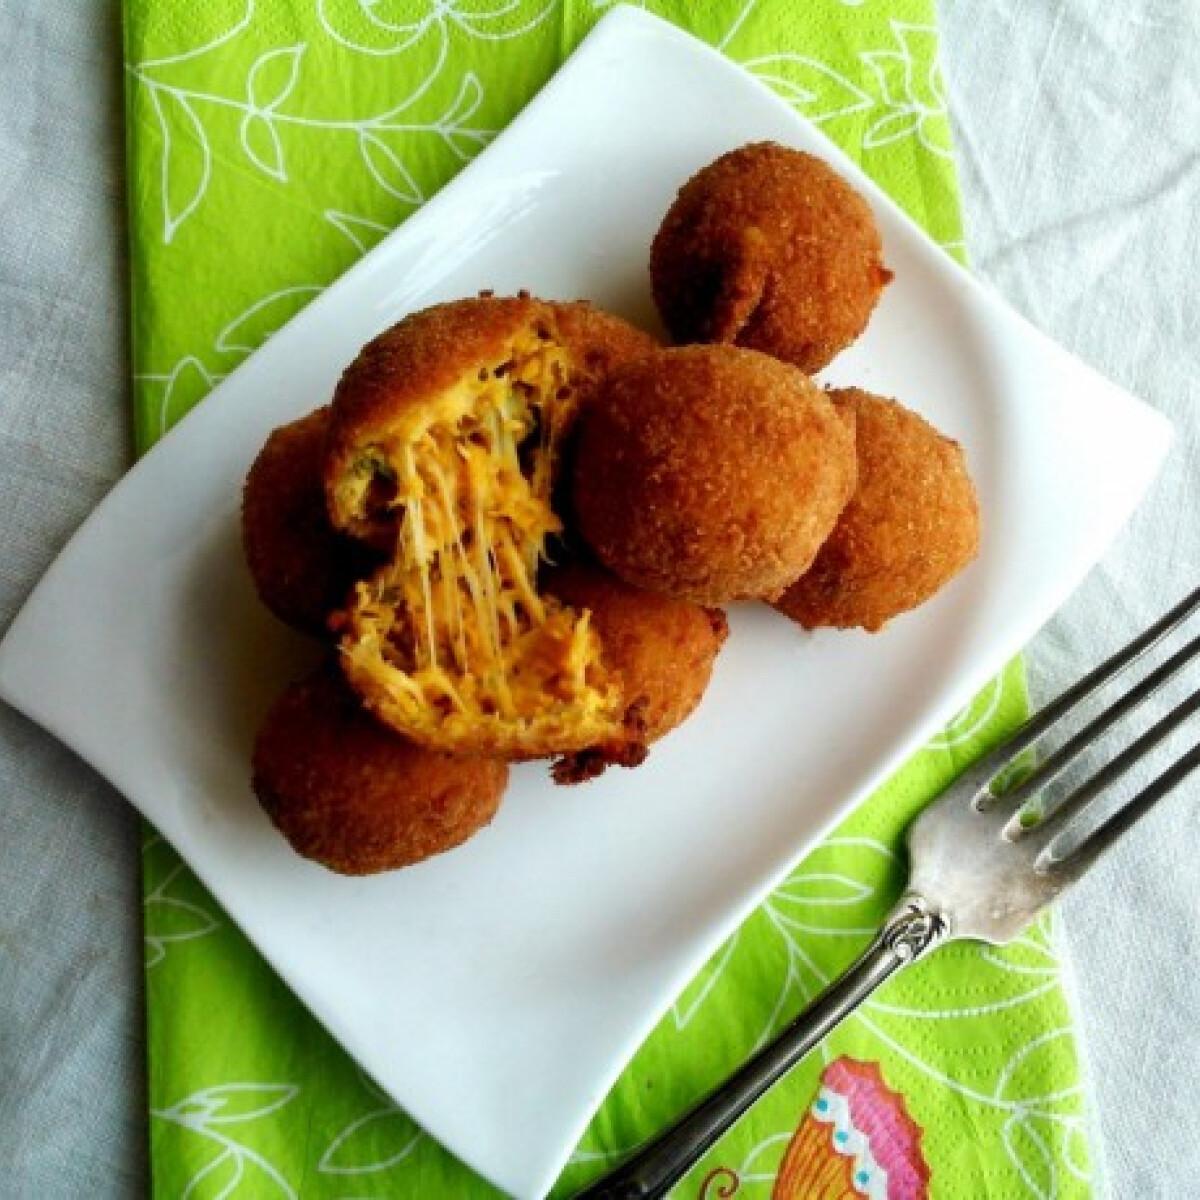 Ezen a képen: Sütőtökös-kakukkfüves sajtgolyó tökmaggal